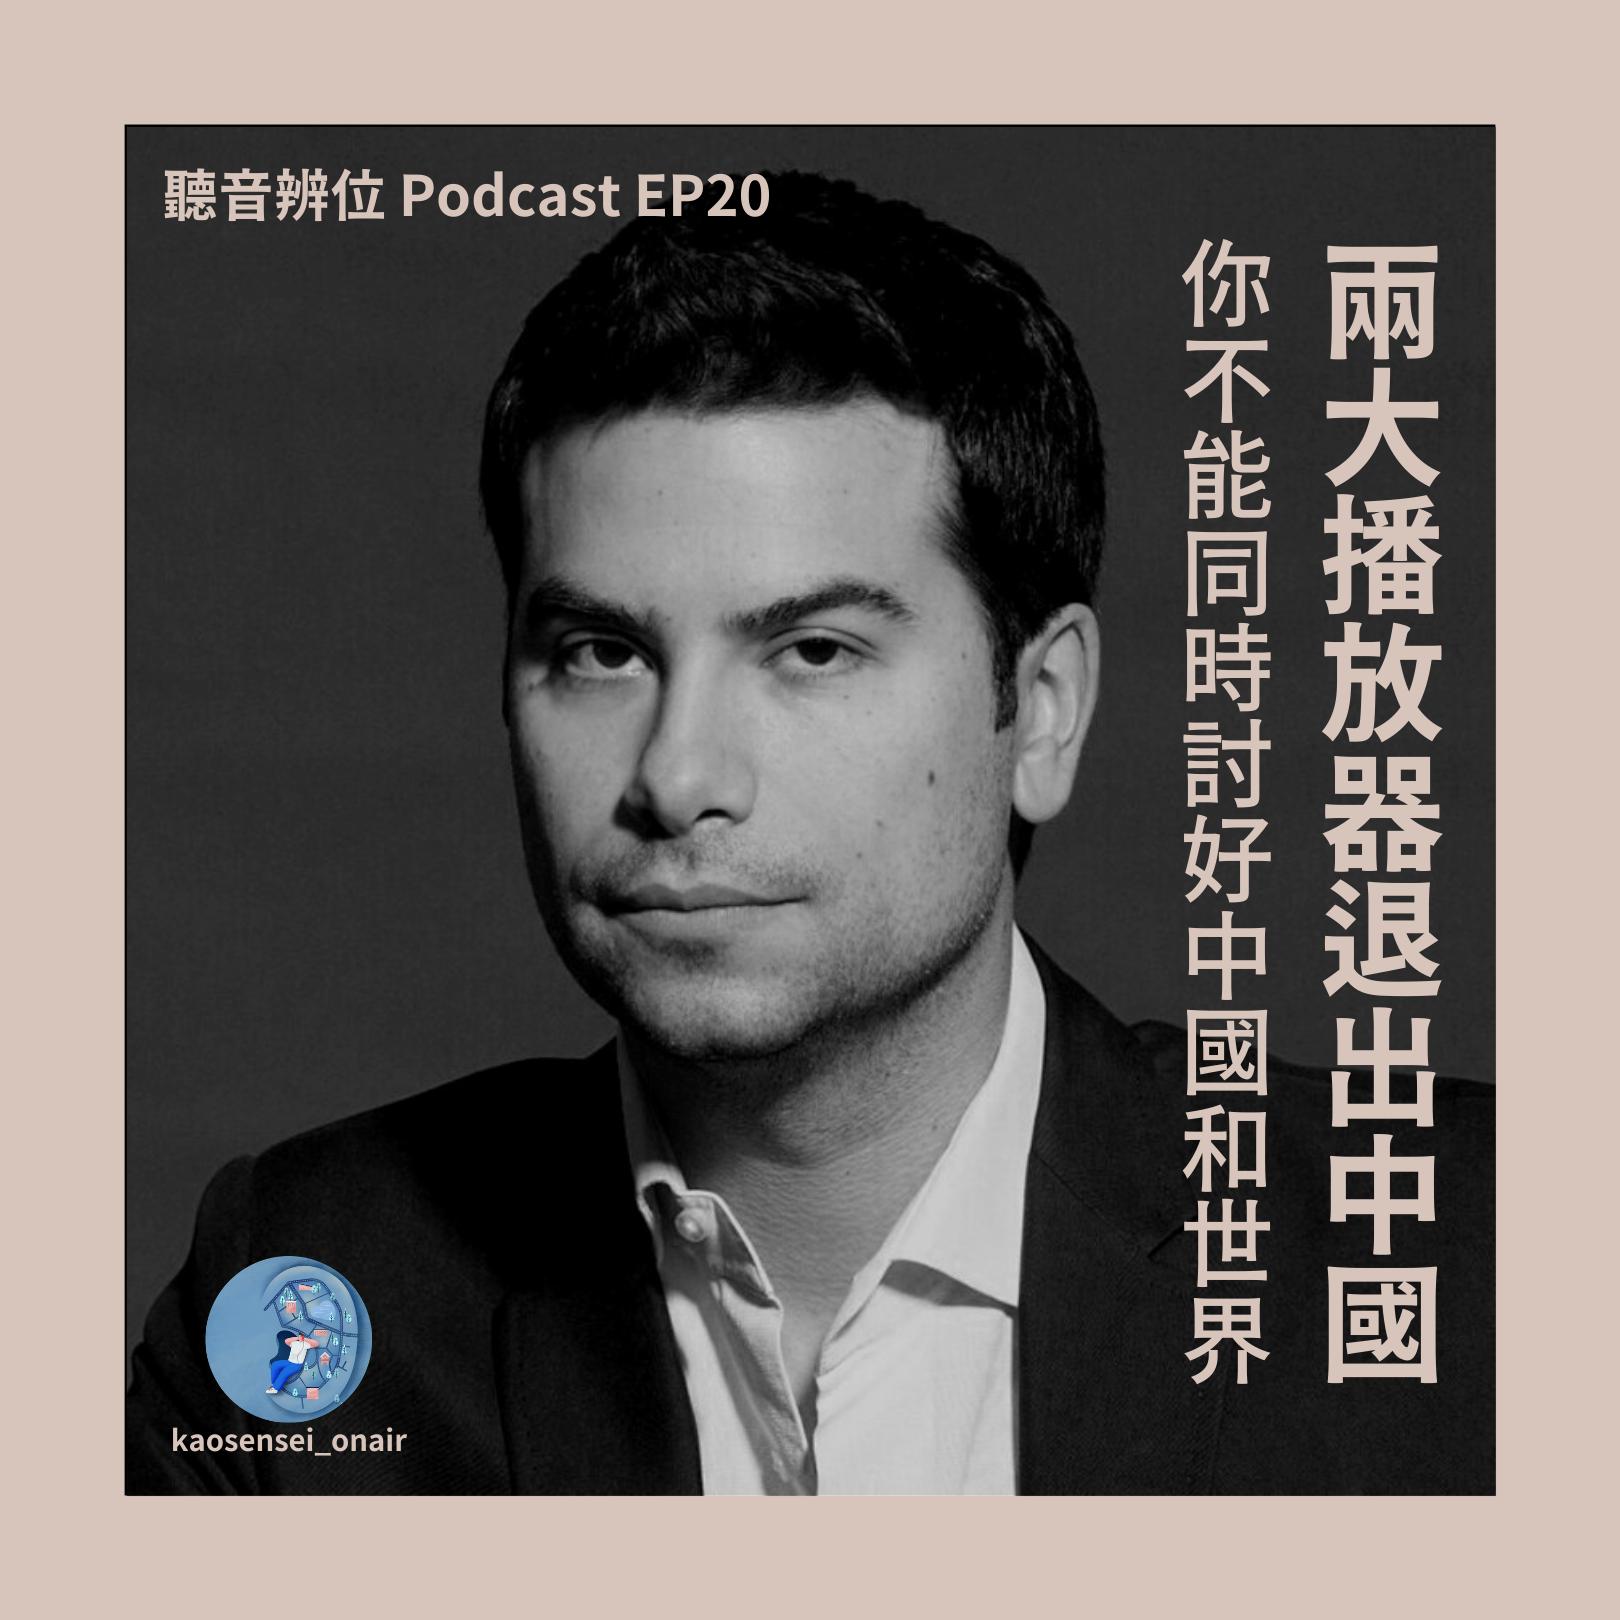 EP20 兩大播放器退出中國:你不能同時討好中國和世界